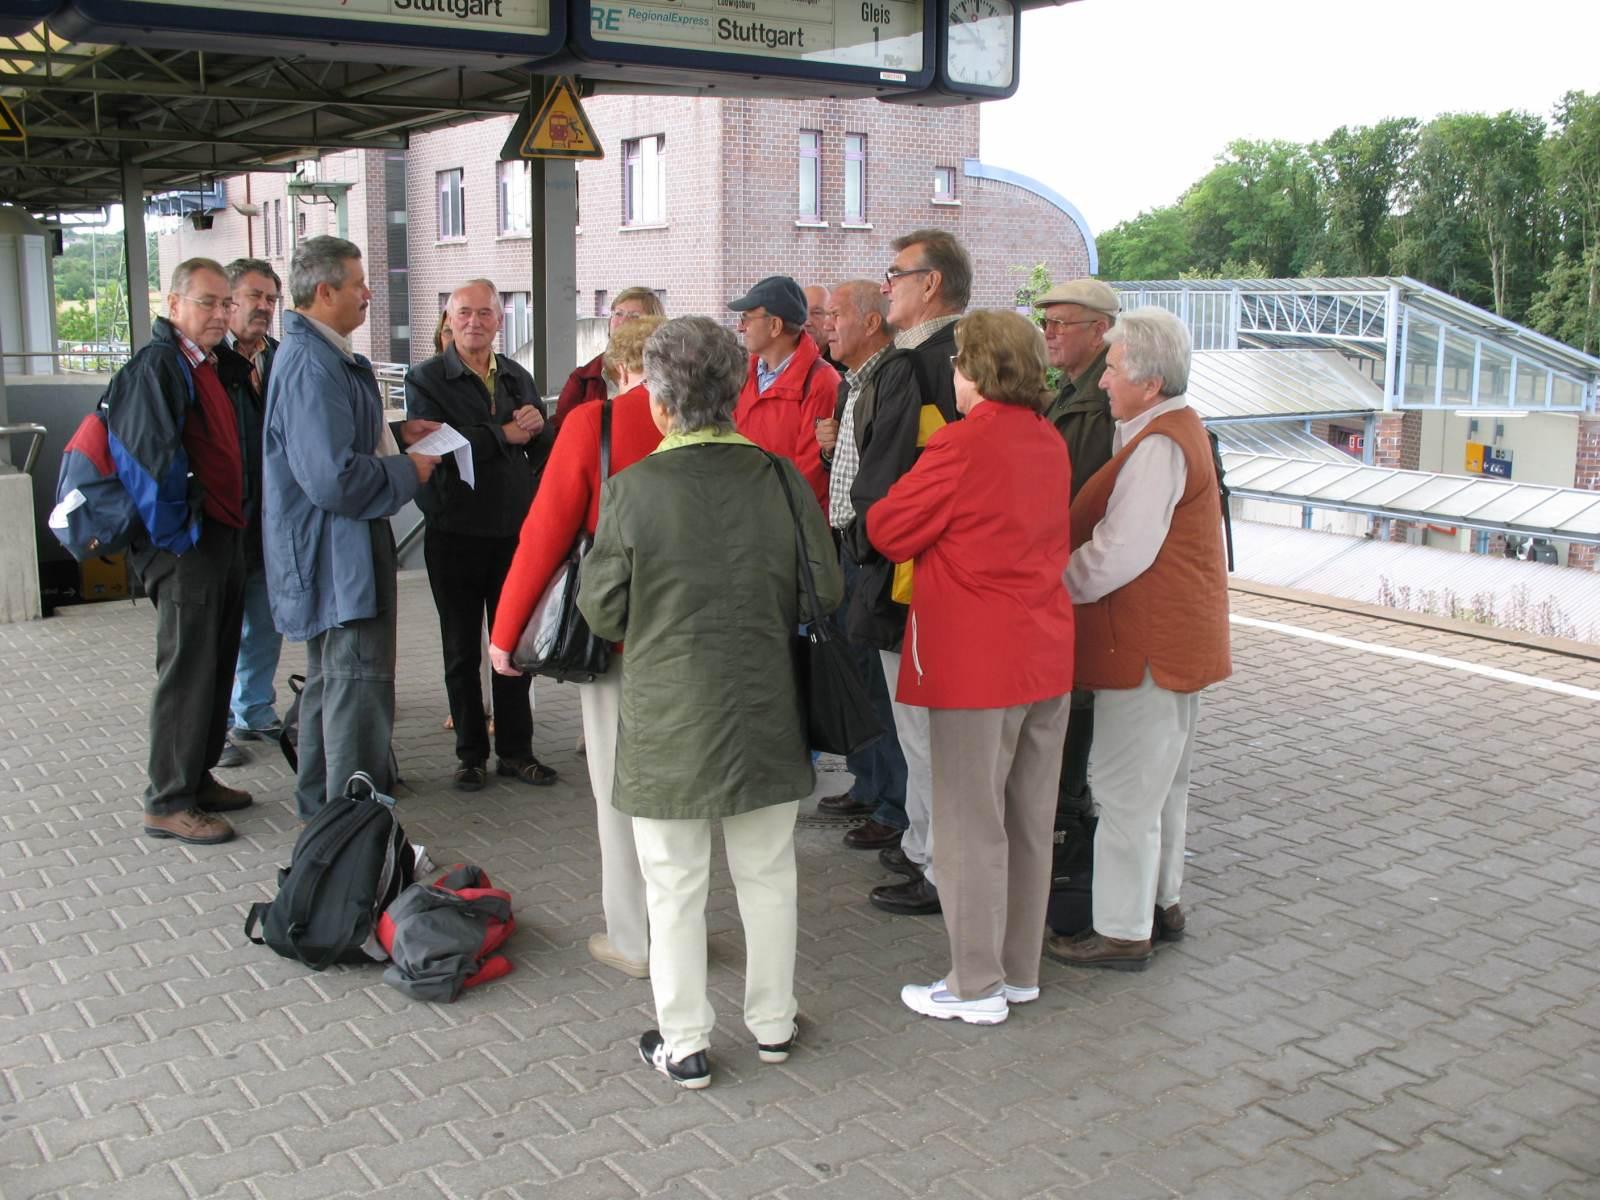 2007_07_11 Beuron, Bahnhof-Vaihingen